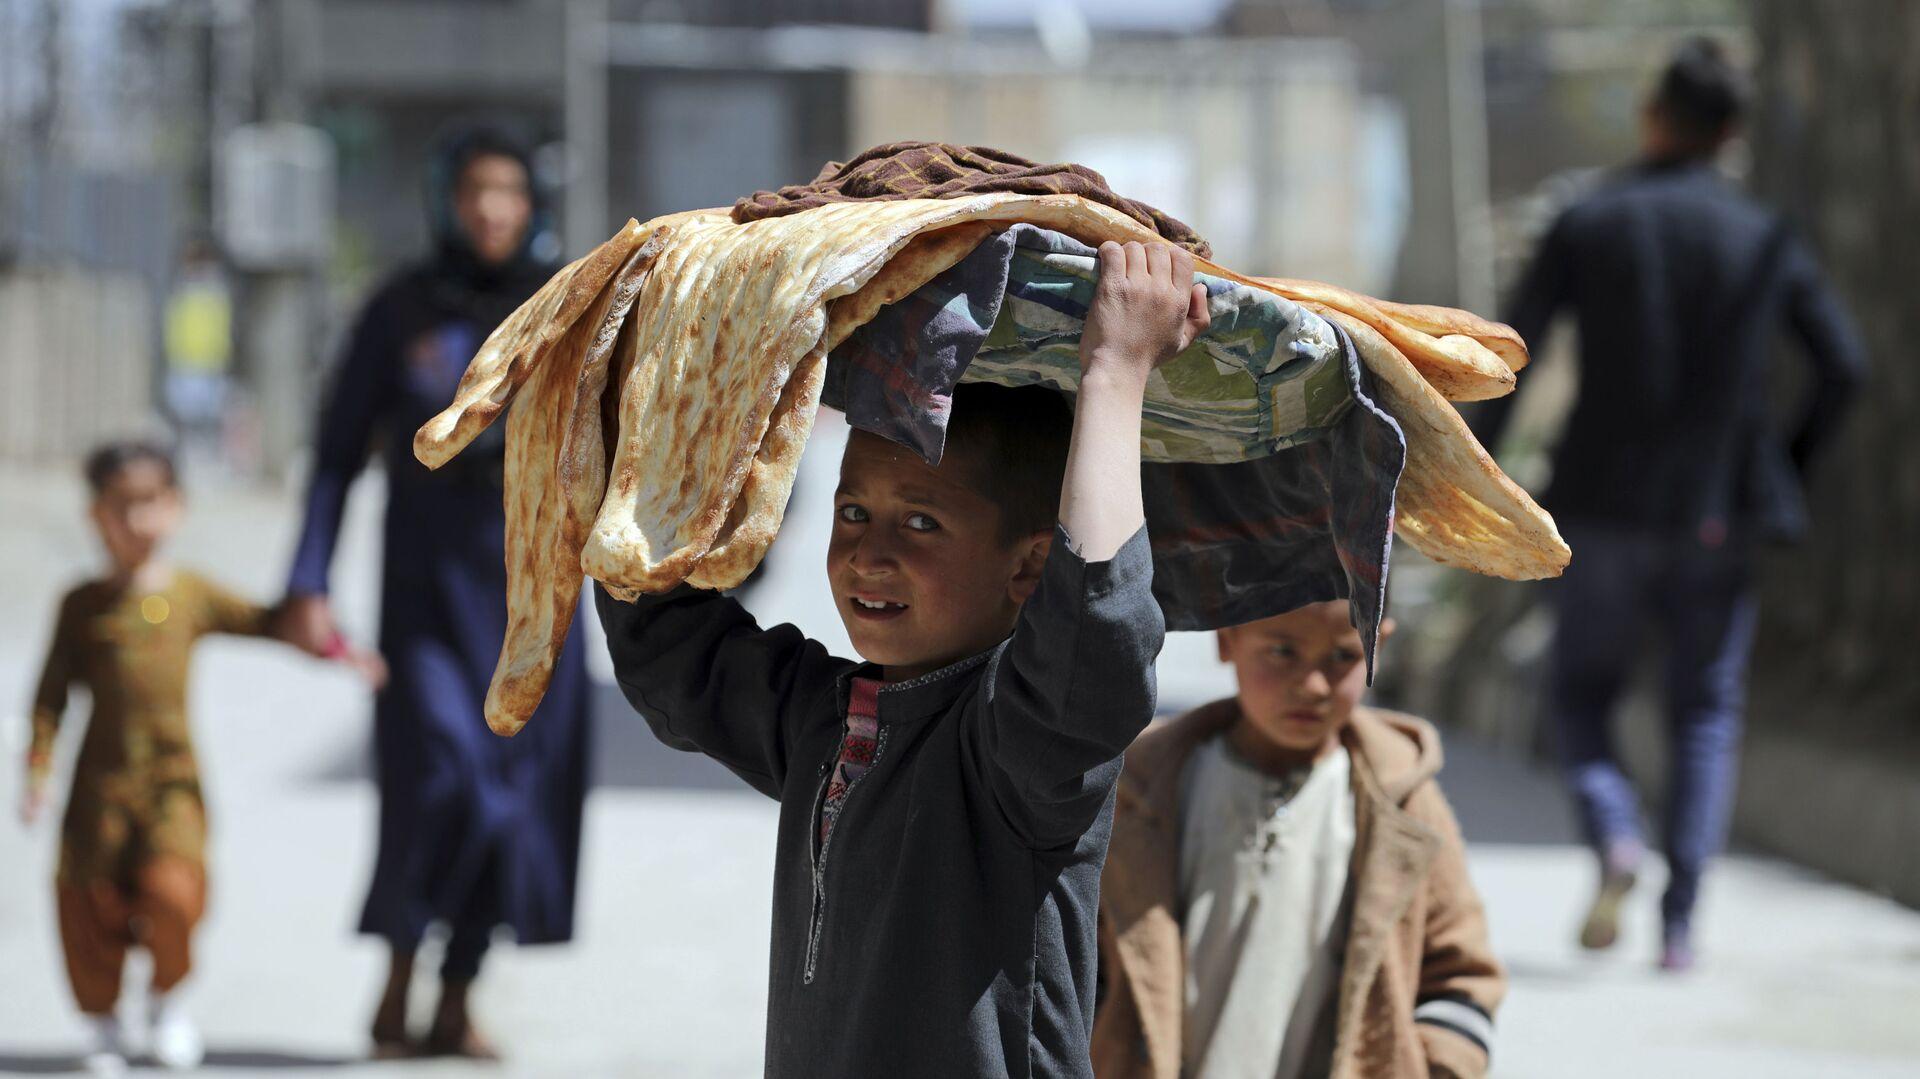 Мальчик с хлебом на голове на одной из улиц Кабула, Афганистан - Sputnik Česká republika, 1920, 12.08.2021